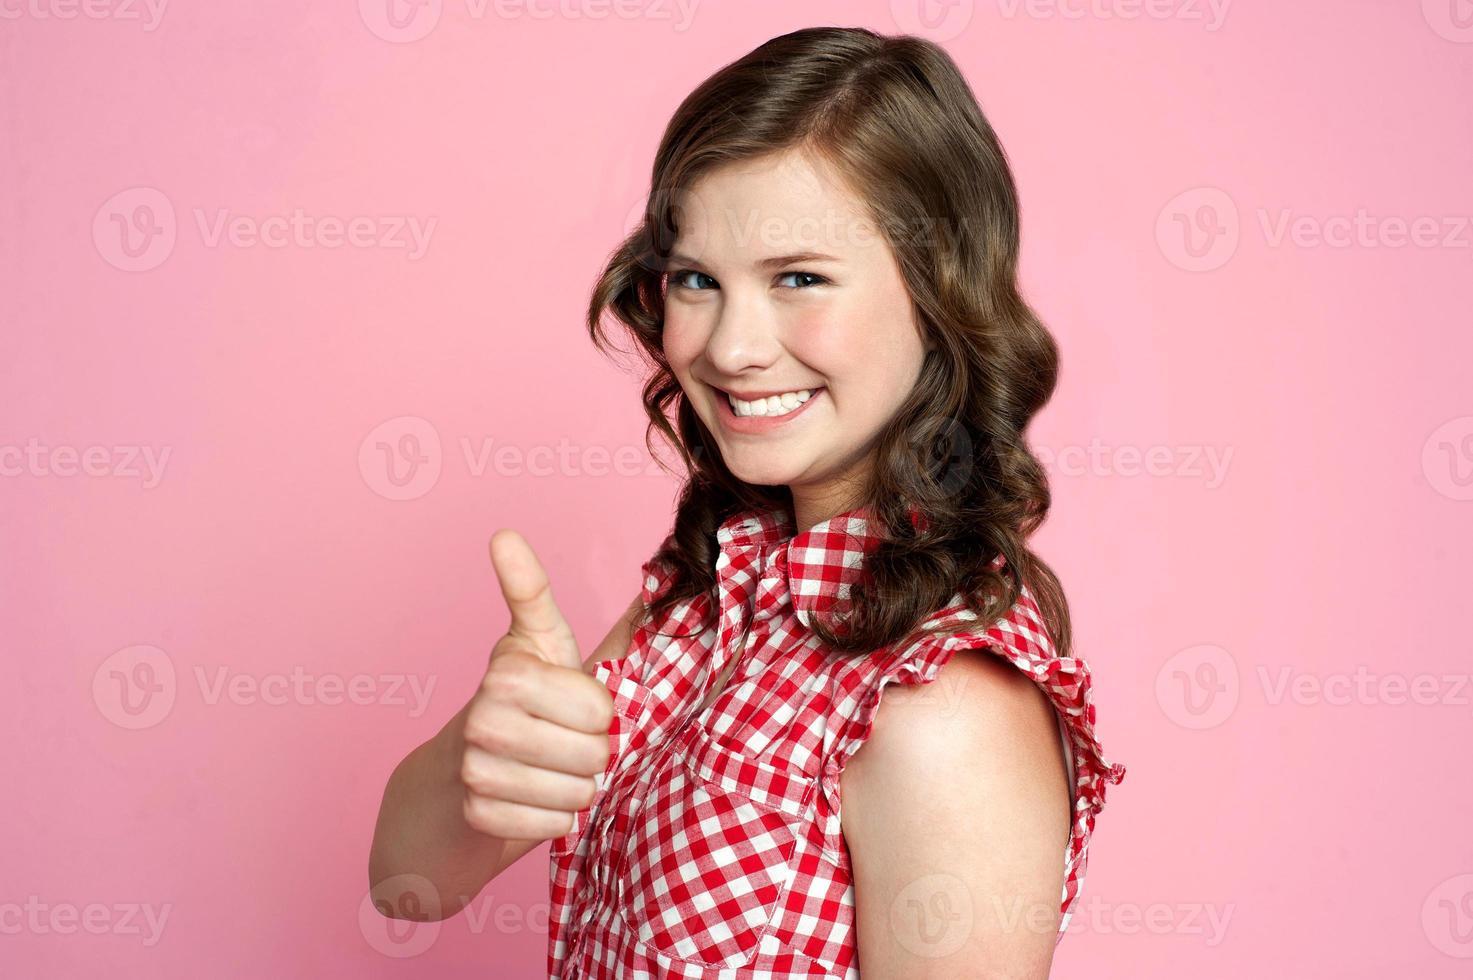 mooi lachend meisje met ok gebaar foto